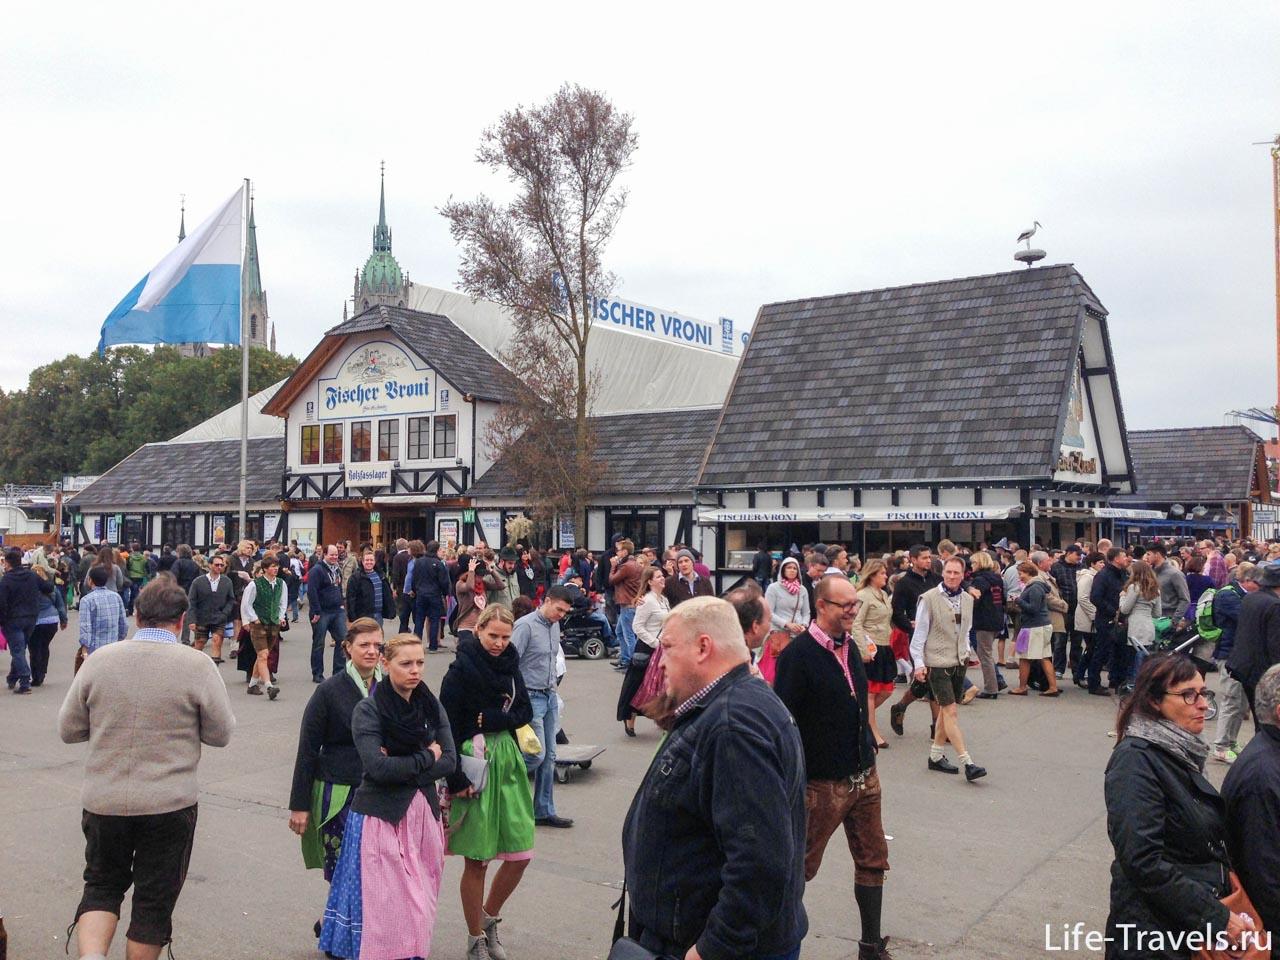 Oktoberfest tent Fisher Broni